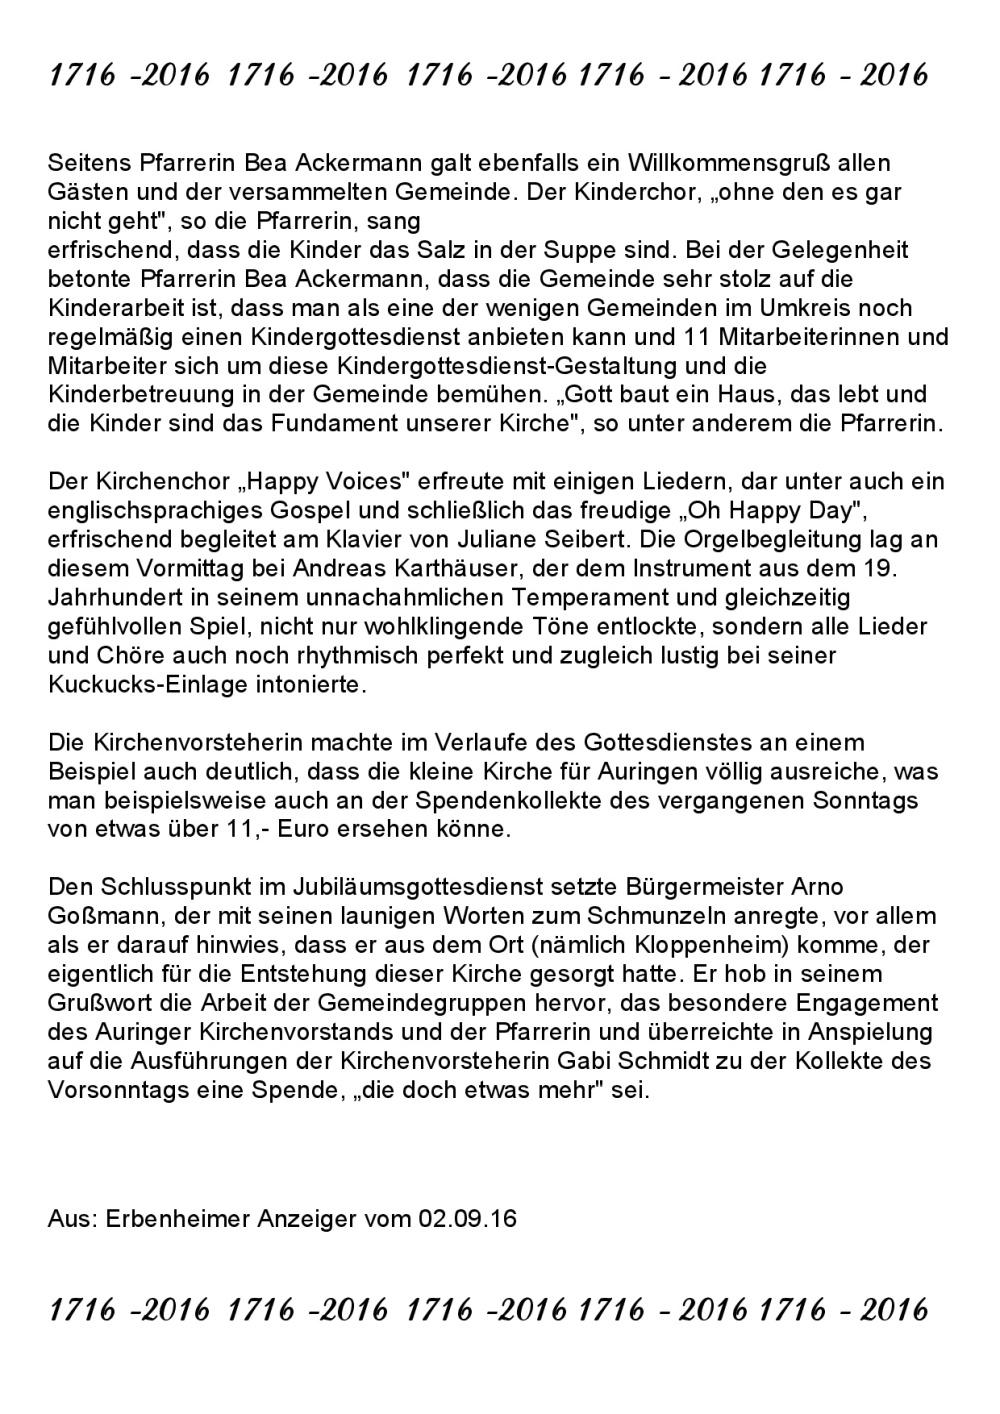 2016-08-28-gemeindefest-004